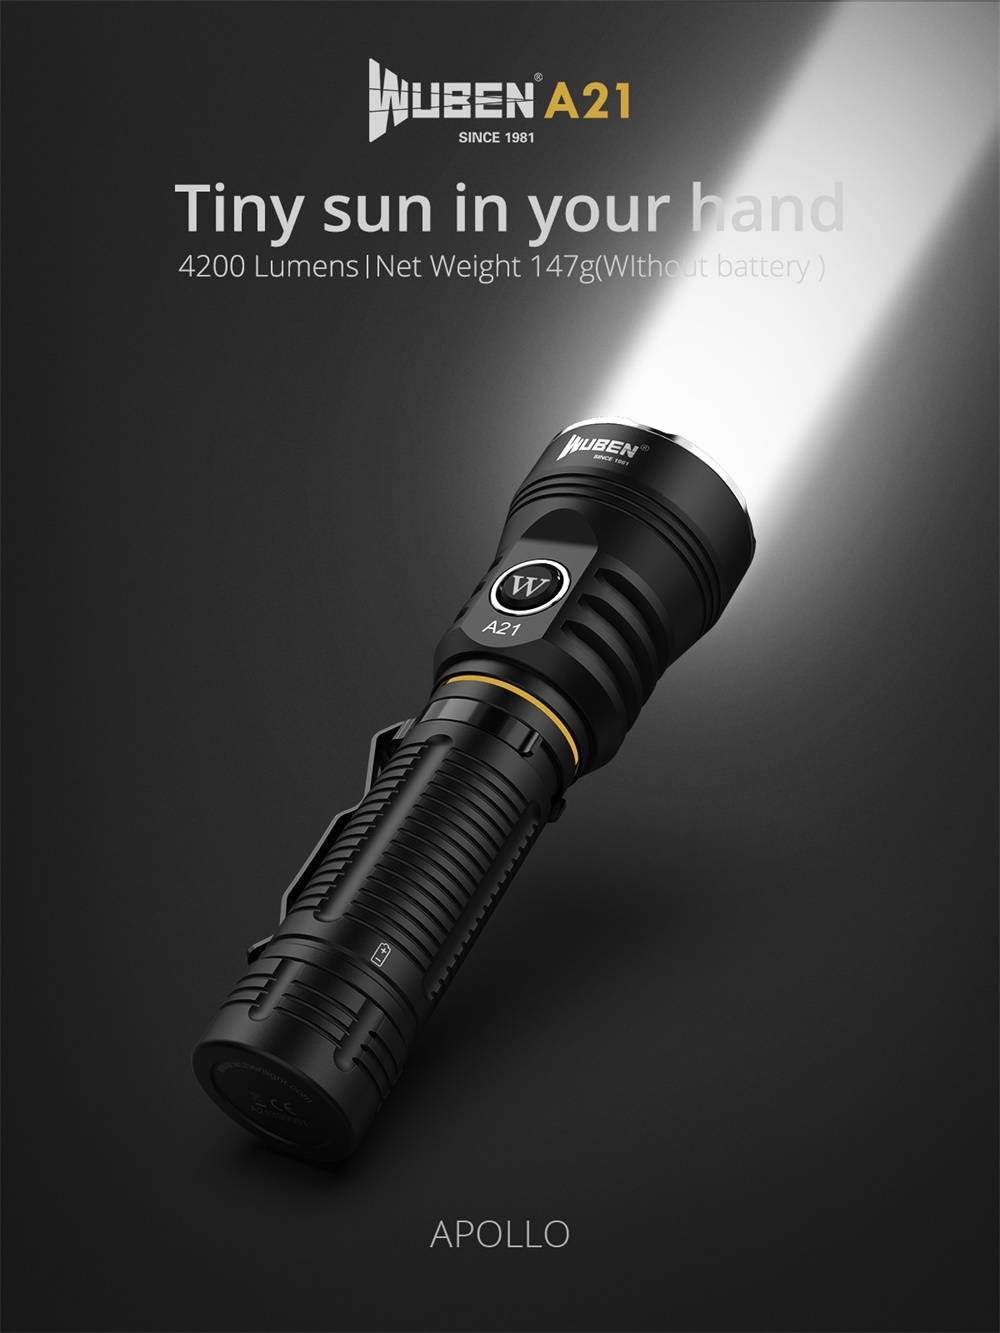 wuben a21 flashlight